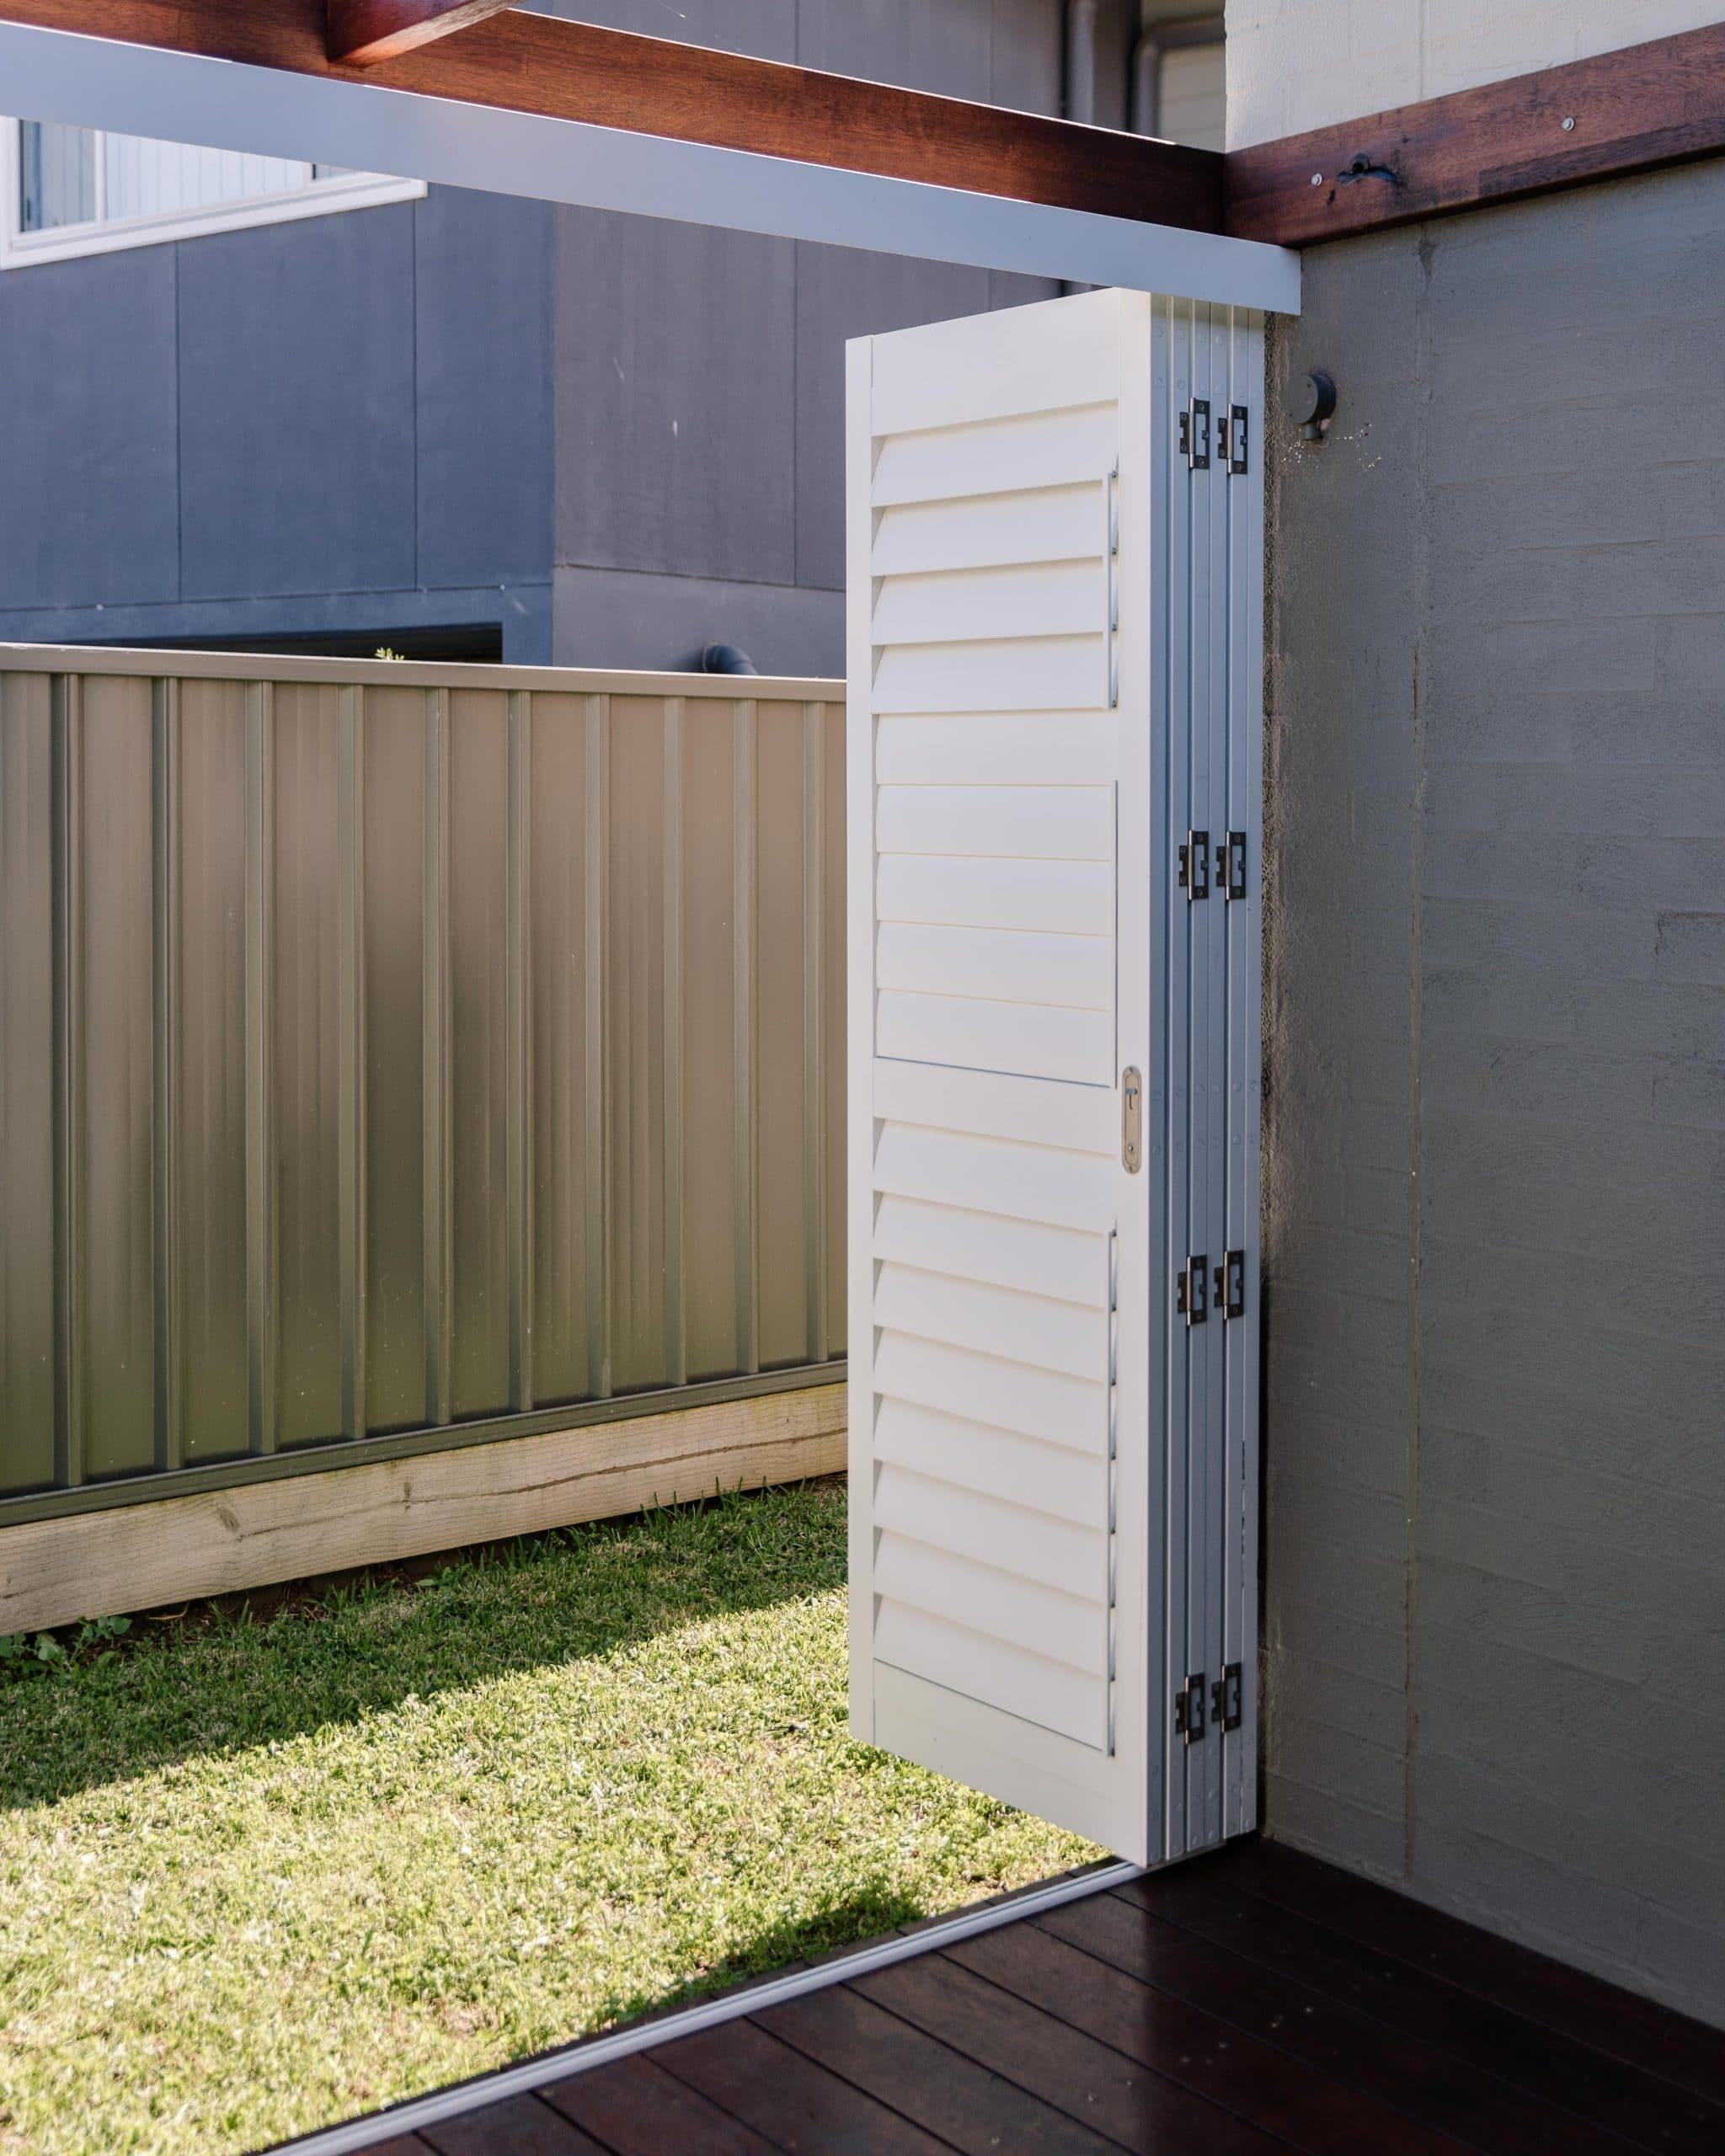 Exterior Shutters - external shutters